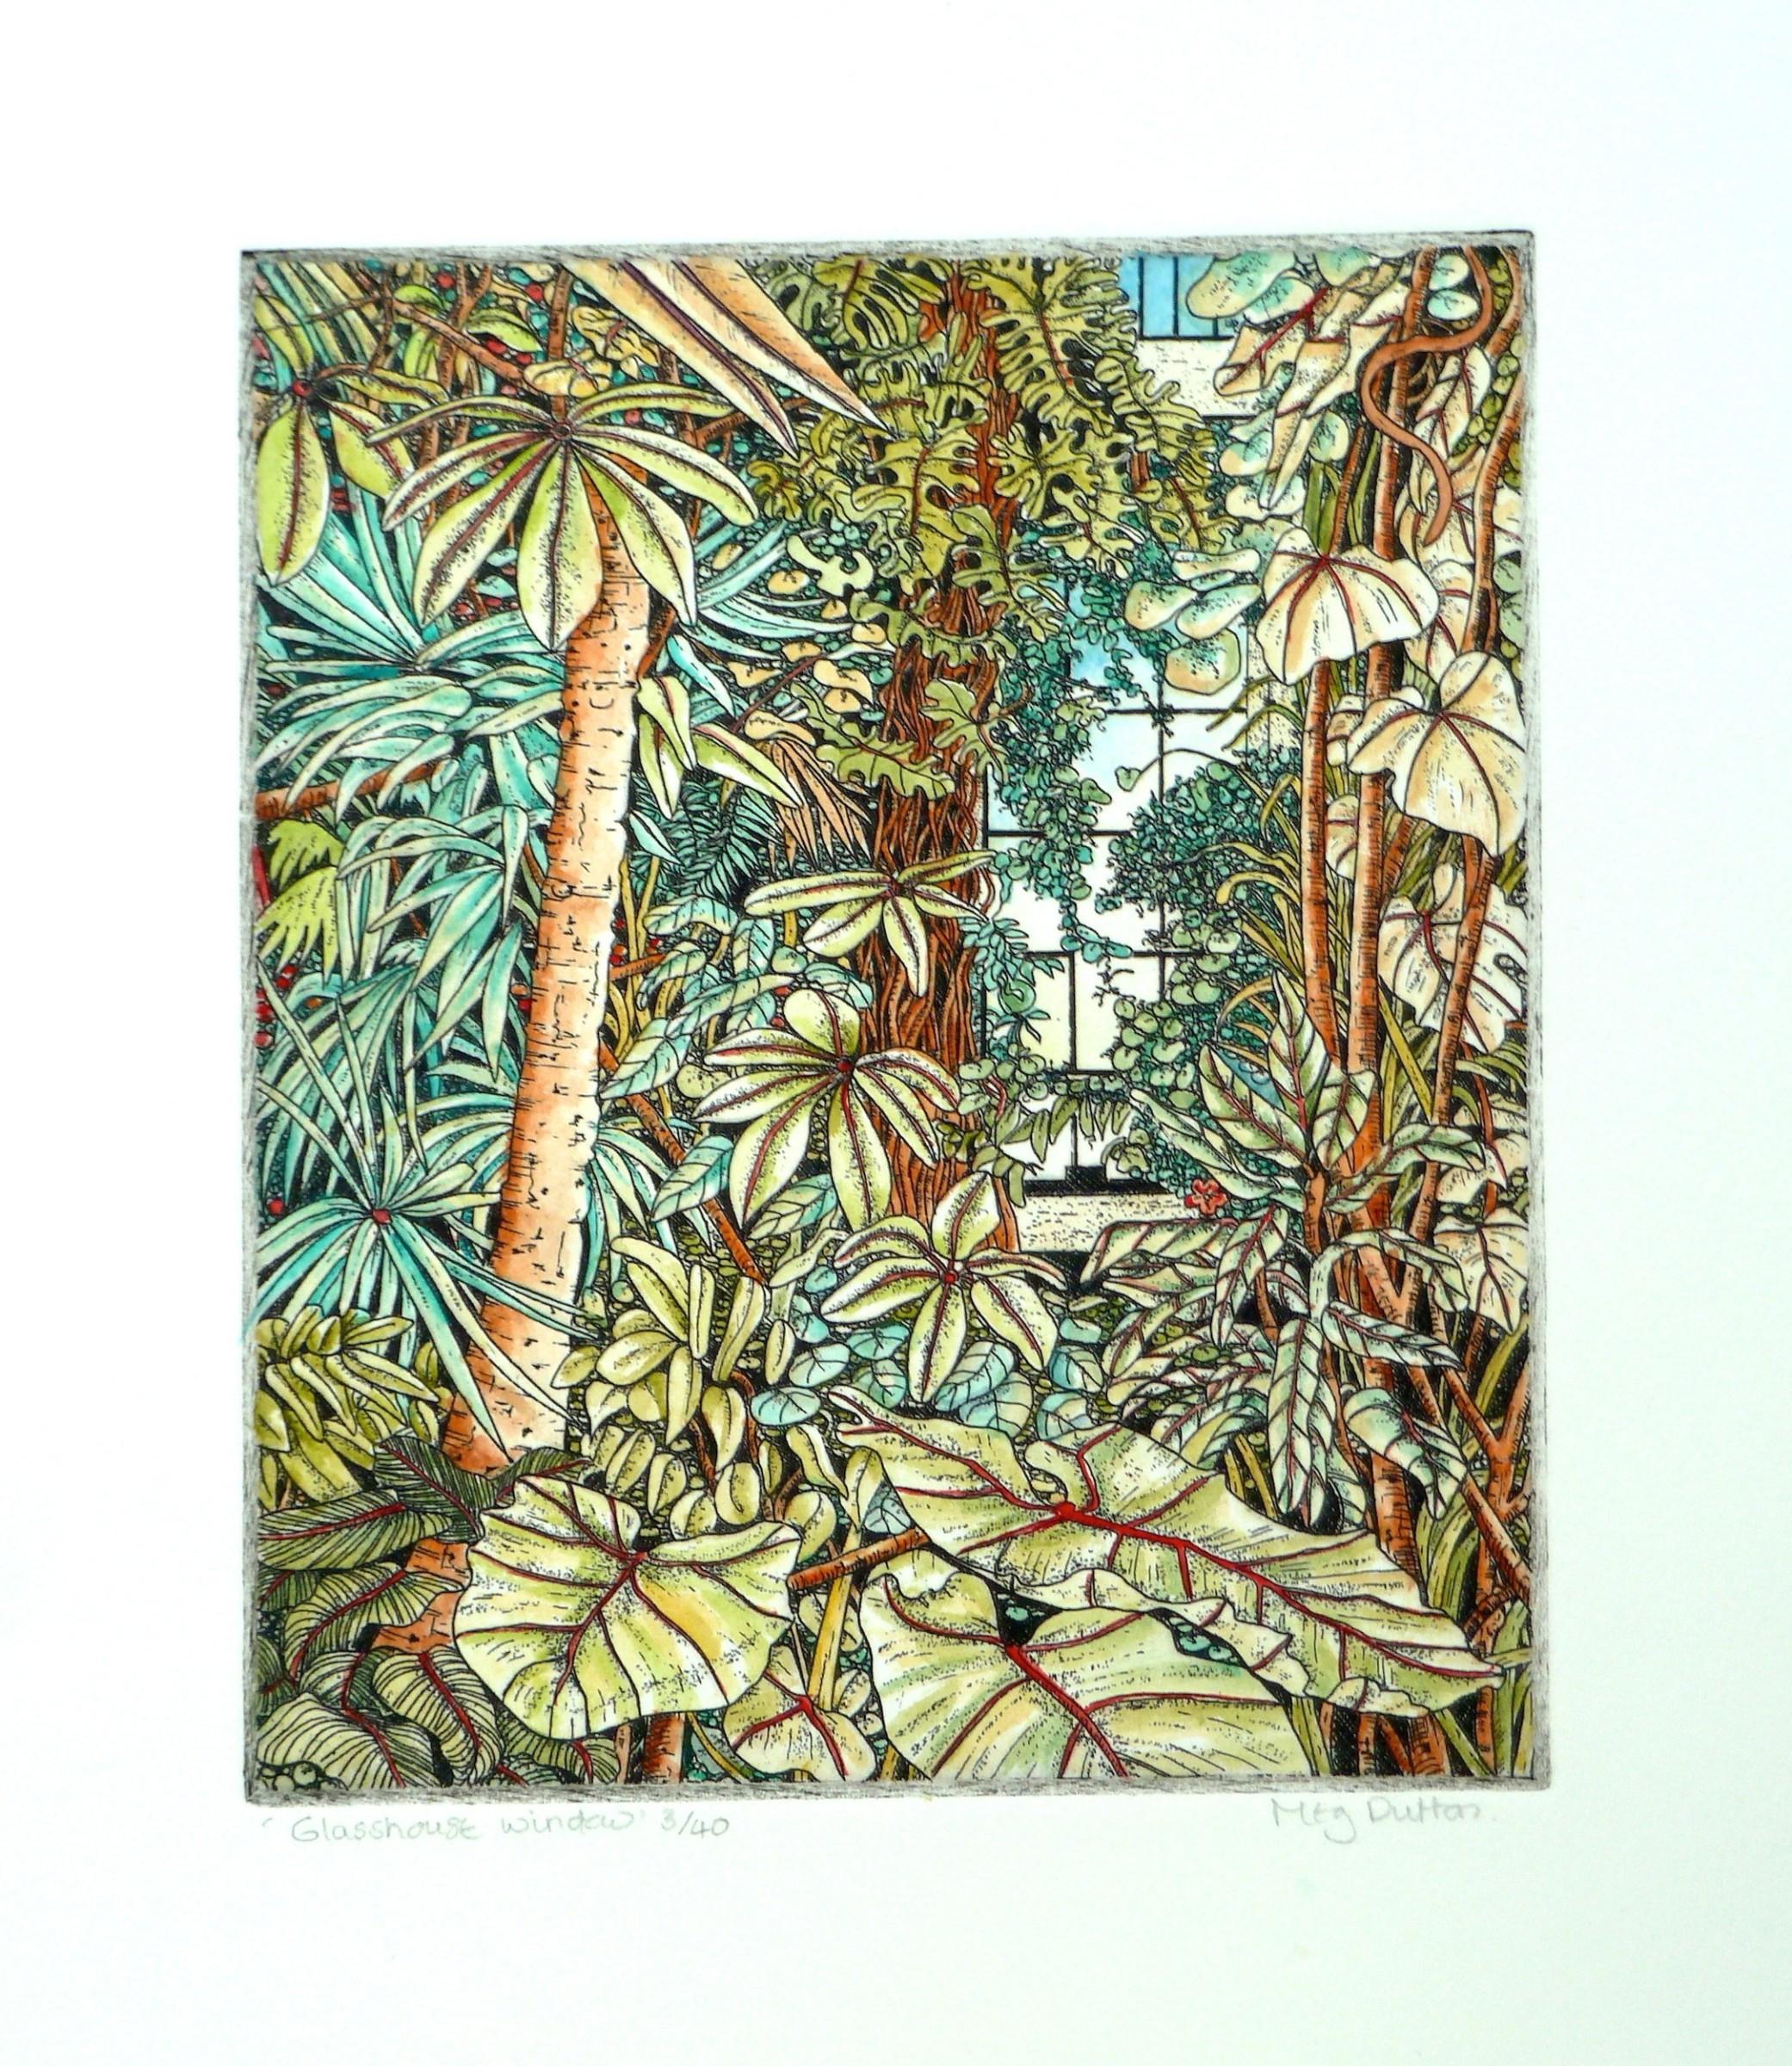 """<span class=""""link fancybox-details-link""""><a href=""""/exhibitions/23/works/artworks_standalone11207/"""">View Detail Page</a></span><div class=""""artist""""><span class=""""artist""""><strong>Meg Dutton RE</strong></span></div><div class=""""title""""><em>Glasshouse Window</em></div><div class=""""medium"""">etching and watercolour</div><div class=""""dimensions"""">24 x 21.5cm paper size<br>15 x 12.5cm image size</div><div class=""""edition_details"""">edition of 40</div>"""